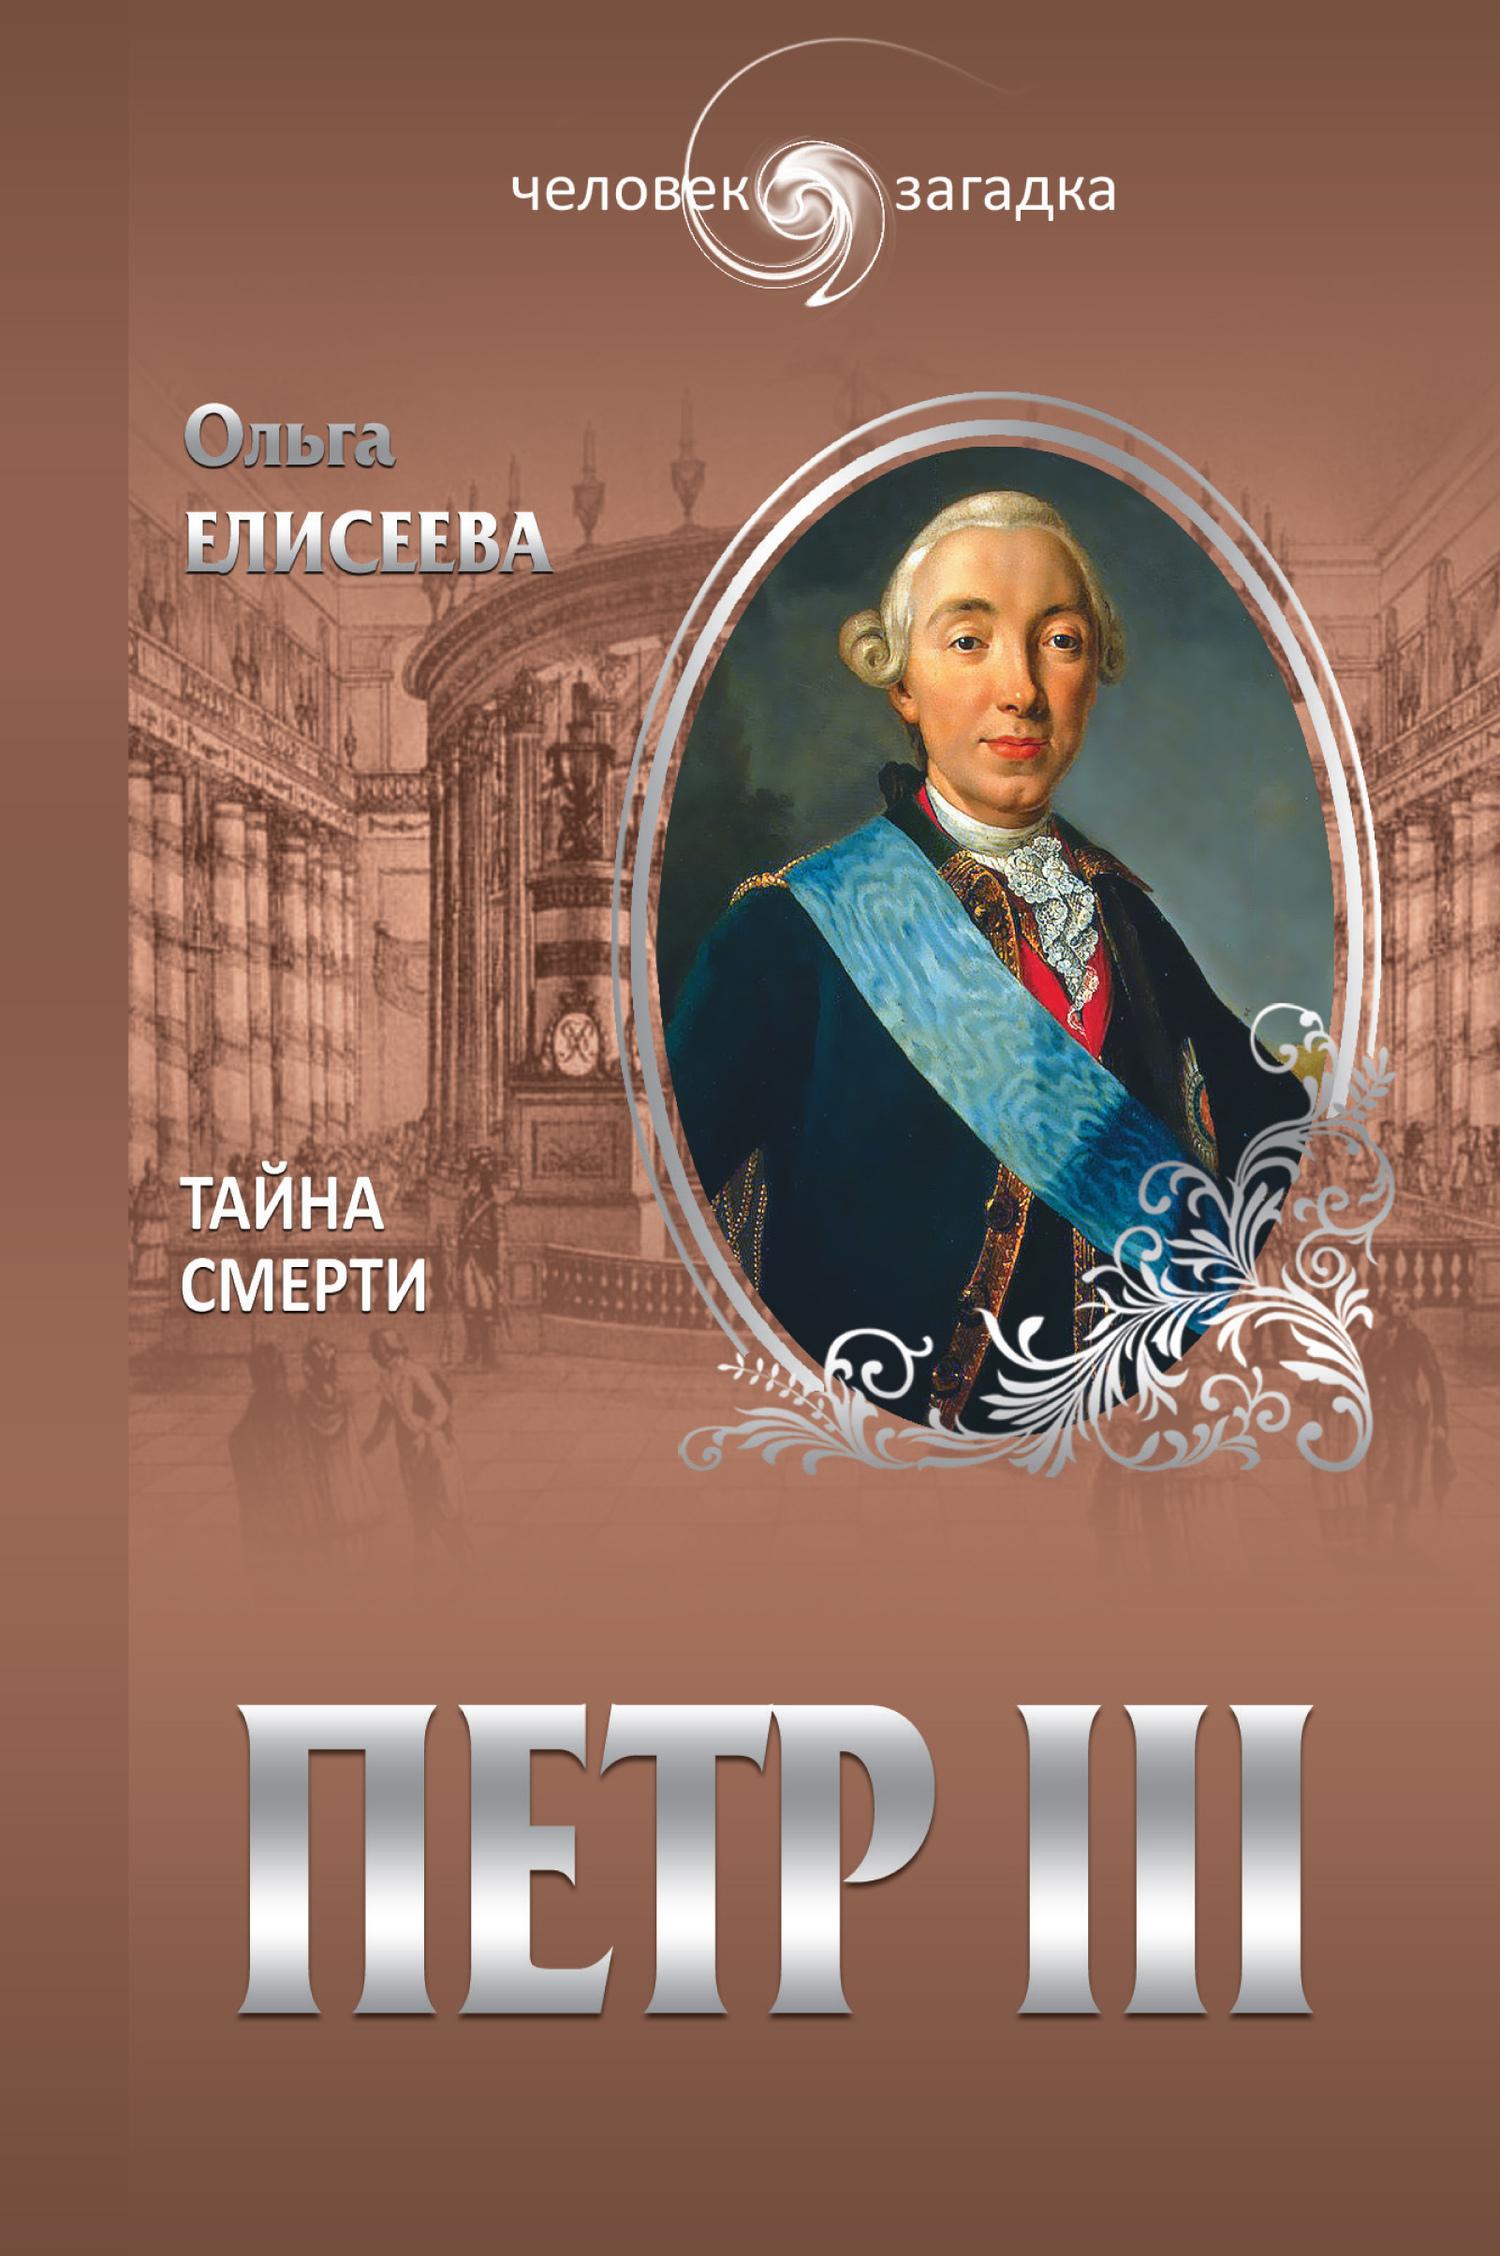 Ольга Елисеева Петр III. Тайна смерти грегор самаров на троне великого деда жизнь и смерть петра iii